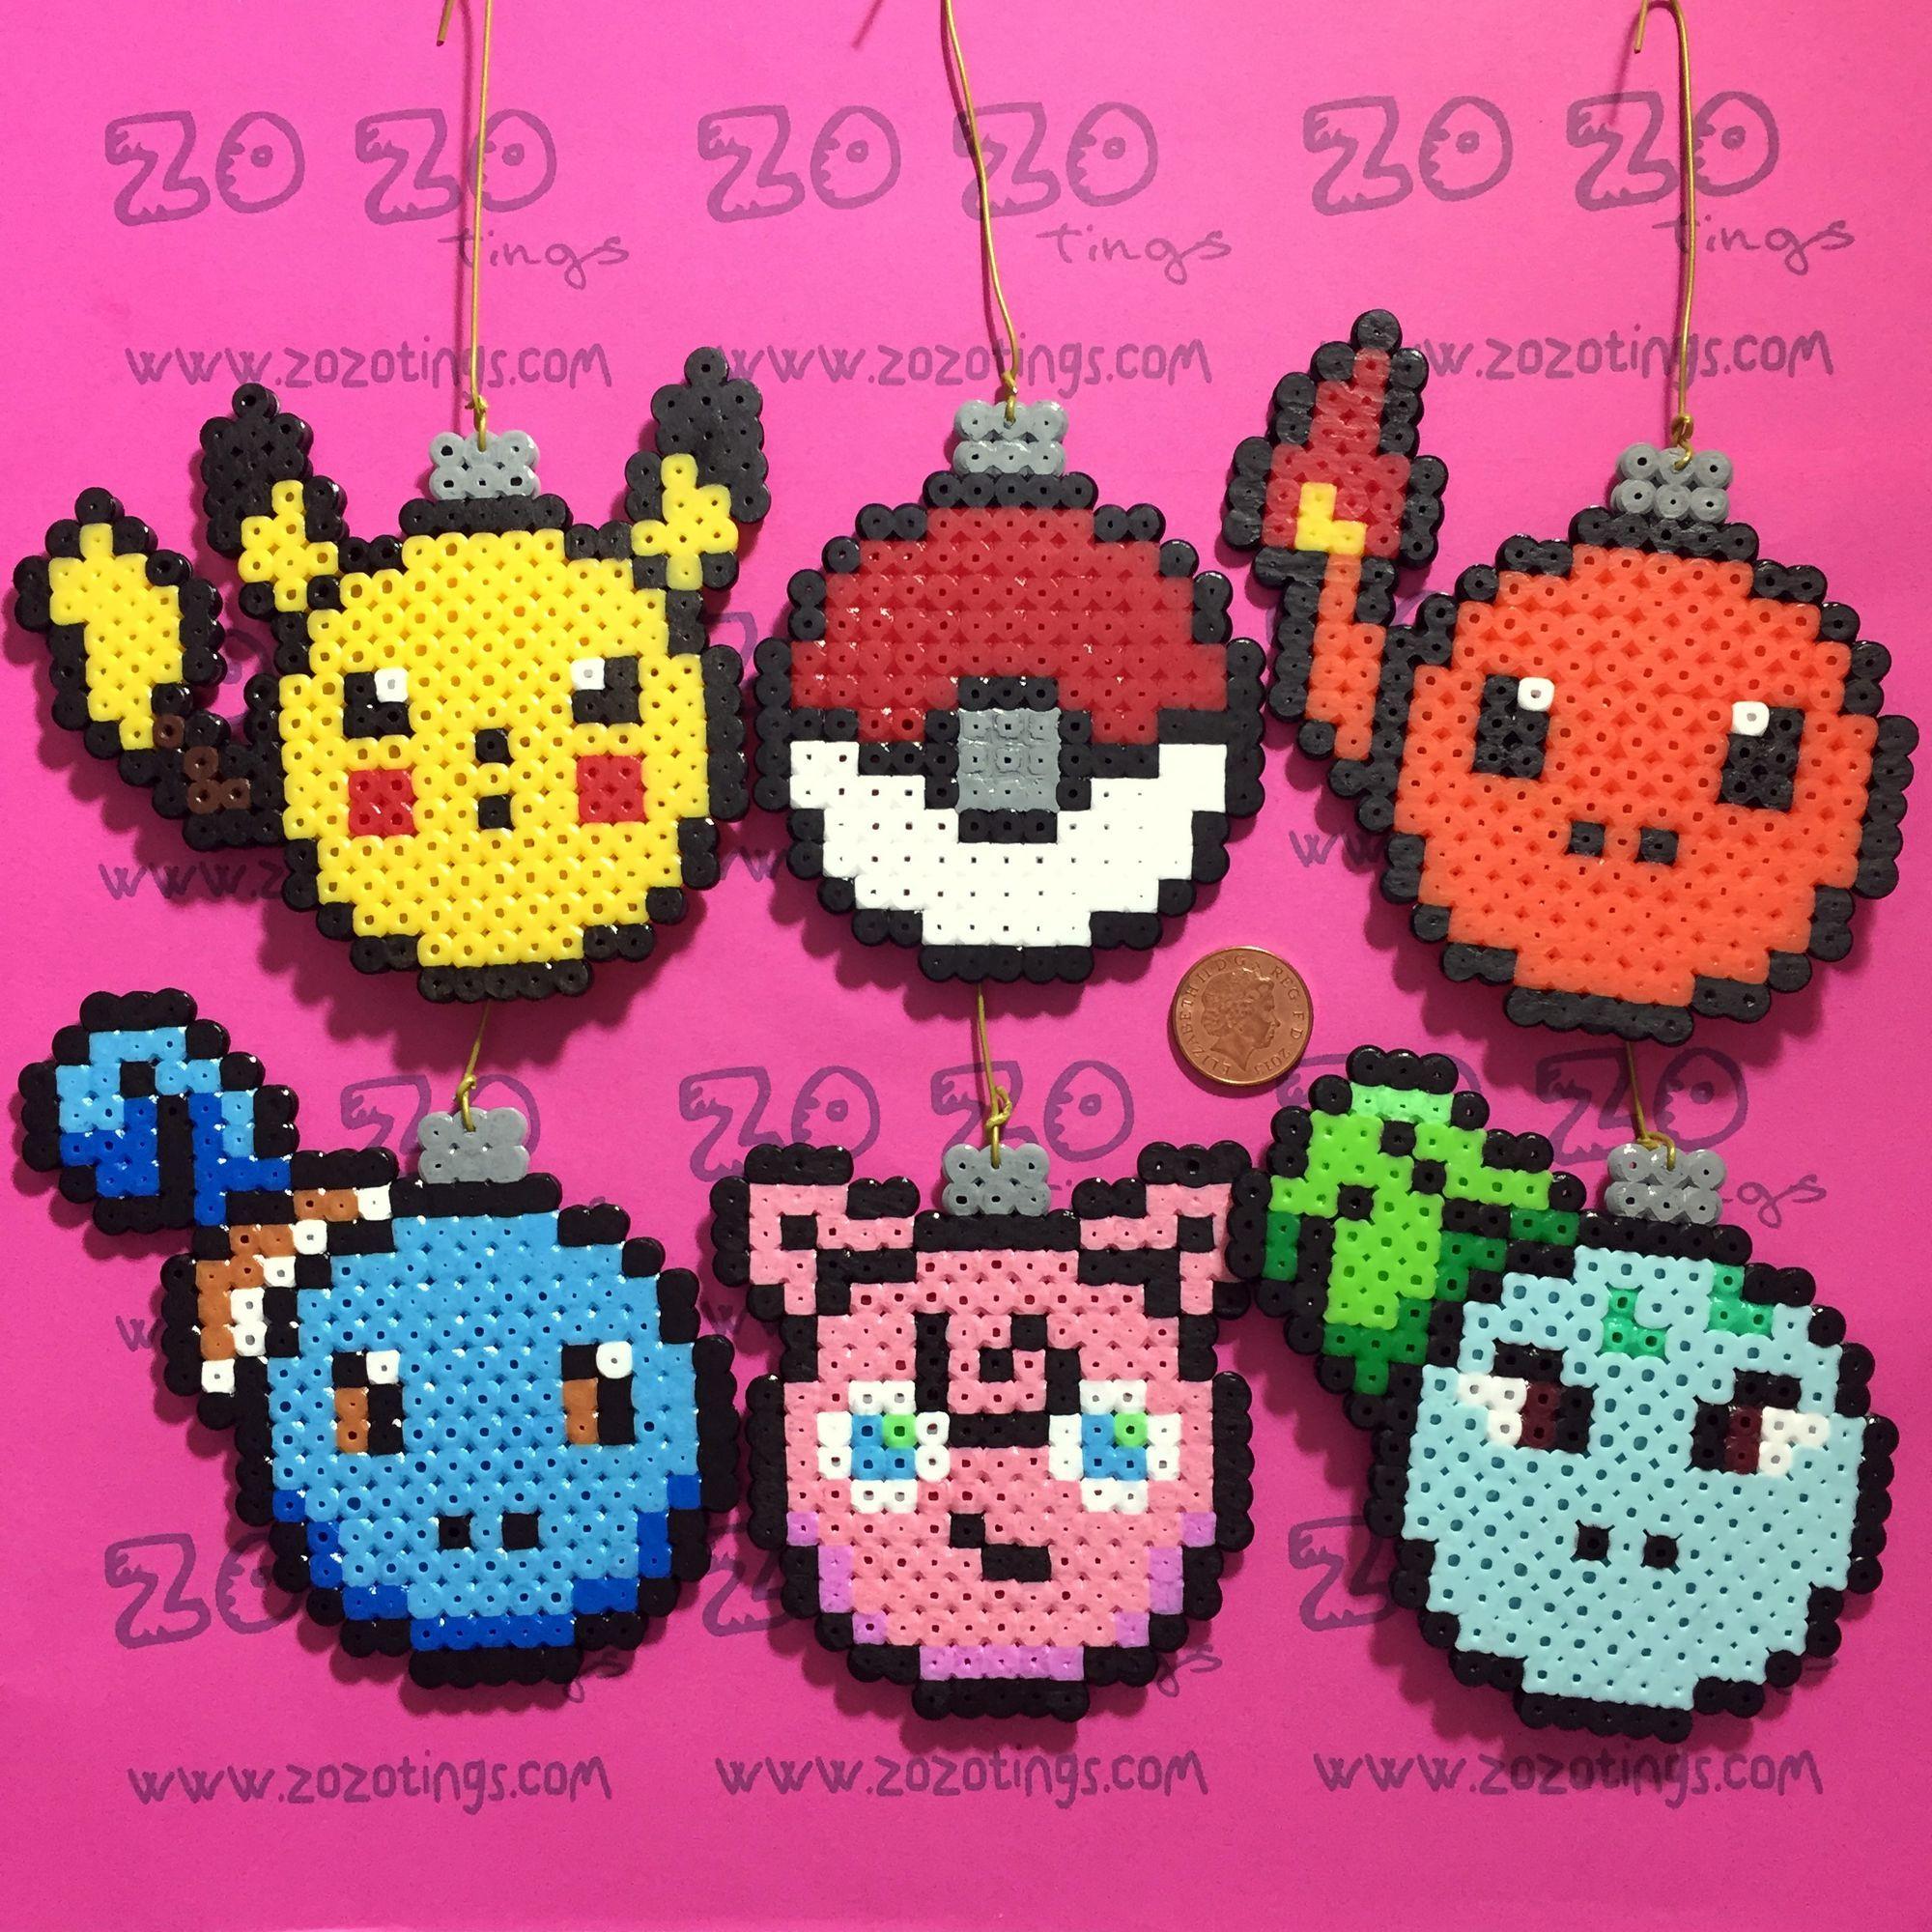 Mit Etwas Größeren Kindern Könnt Ihr Pokémon Als Perlenstecker